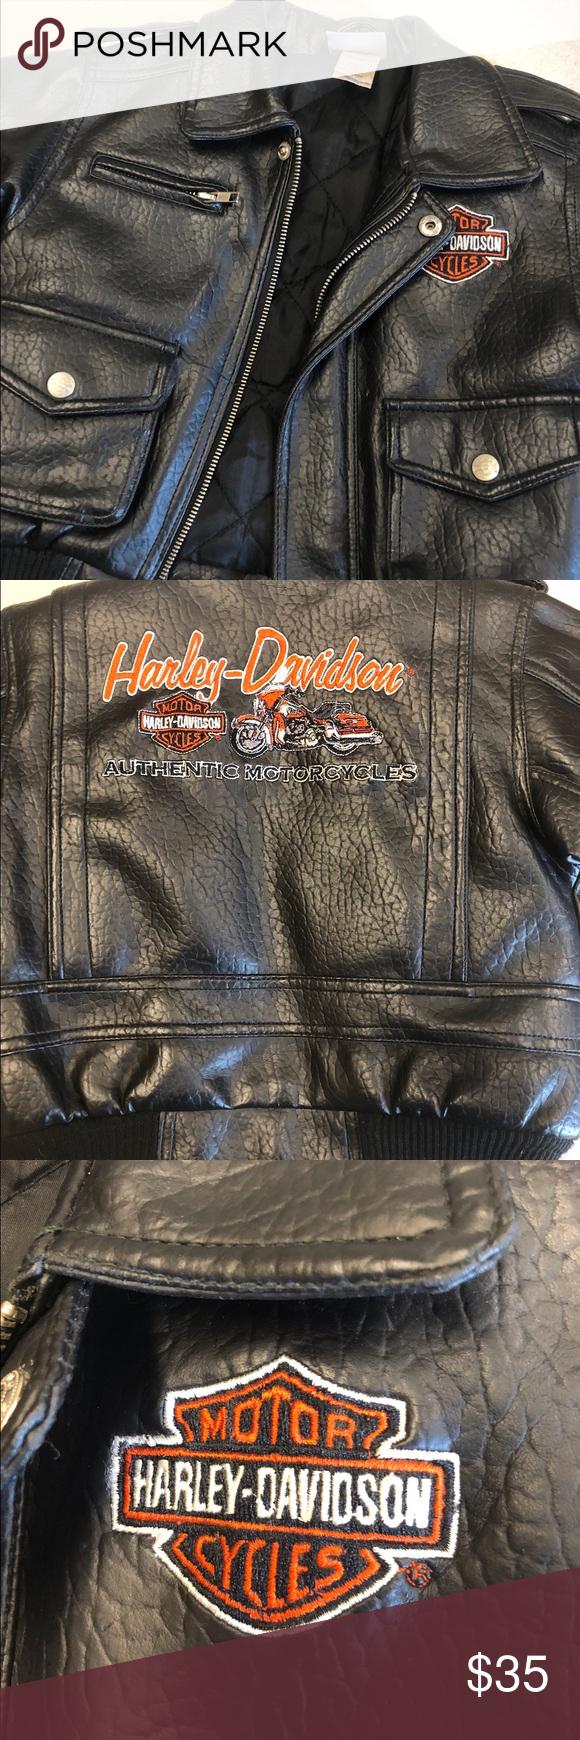 Toddler Harley Davidson Leather Jacket Harley Davidson Leather Jackets Leather Jacket Jackets [ 1740 x 580 Pixel ]